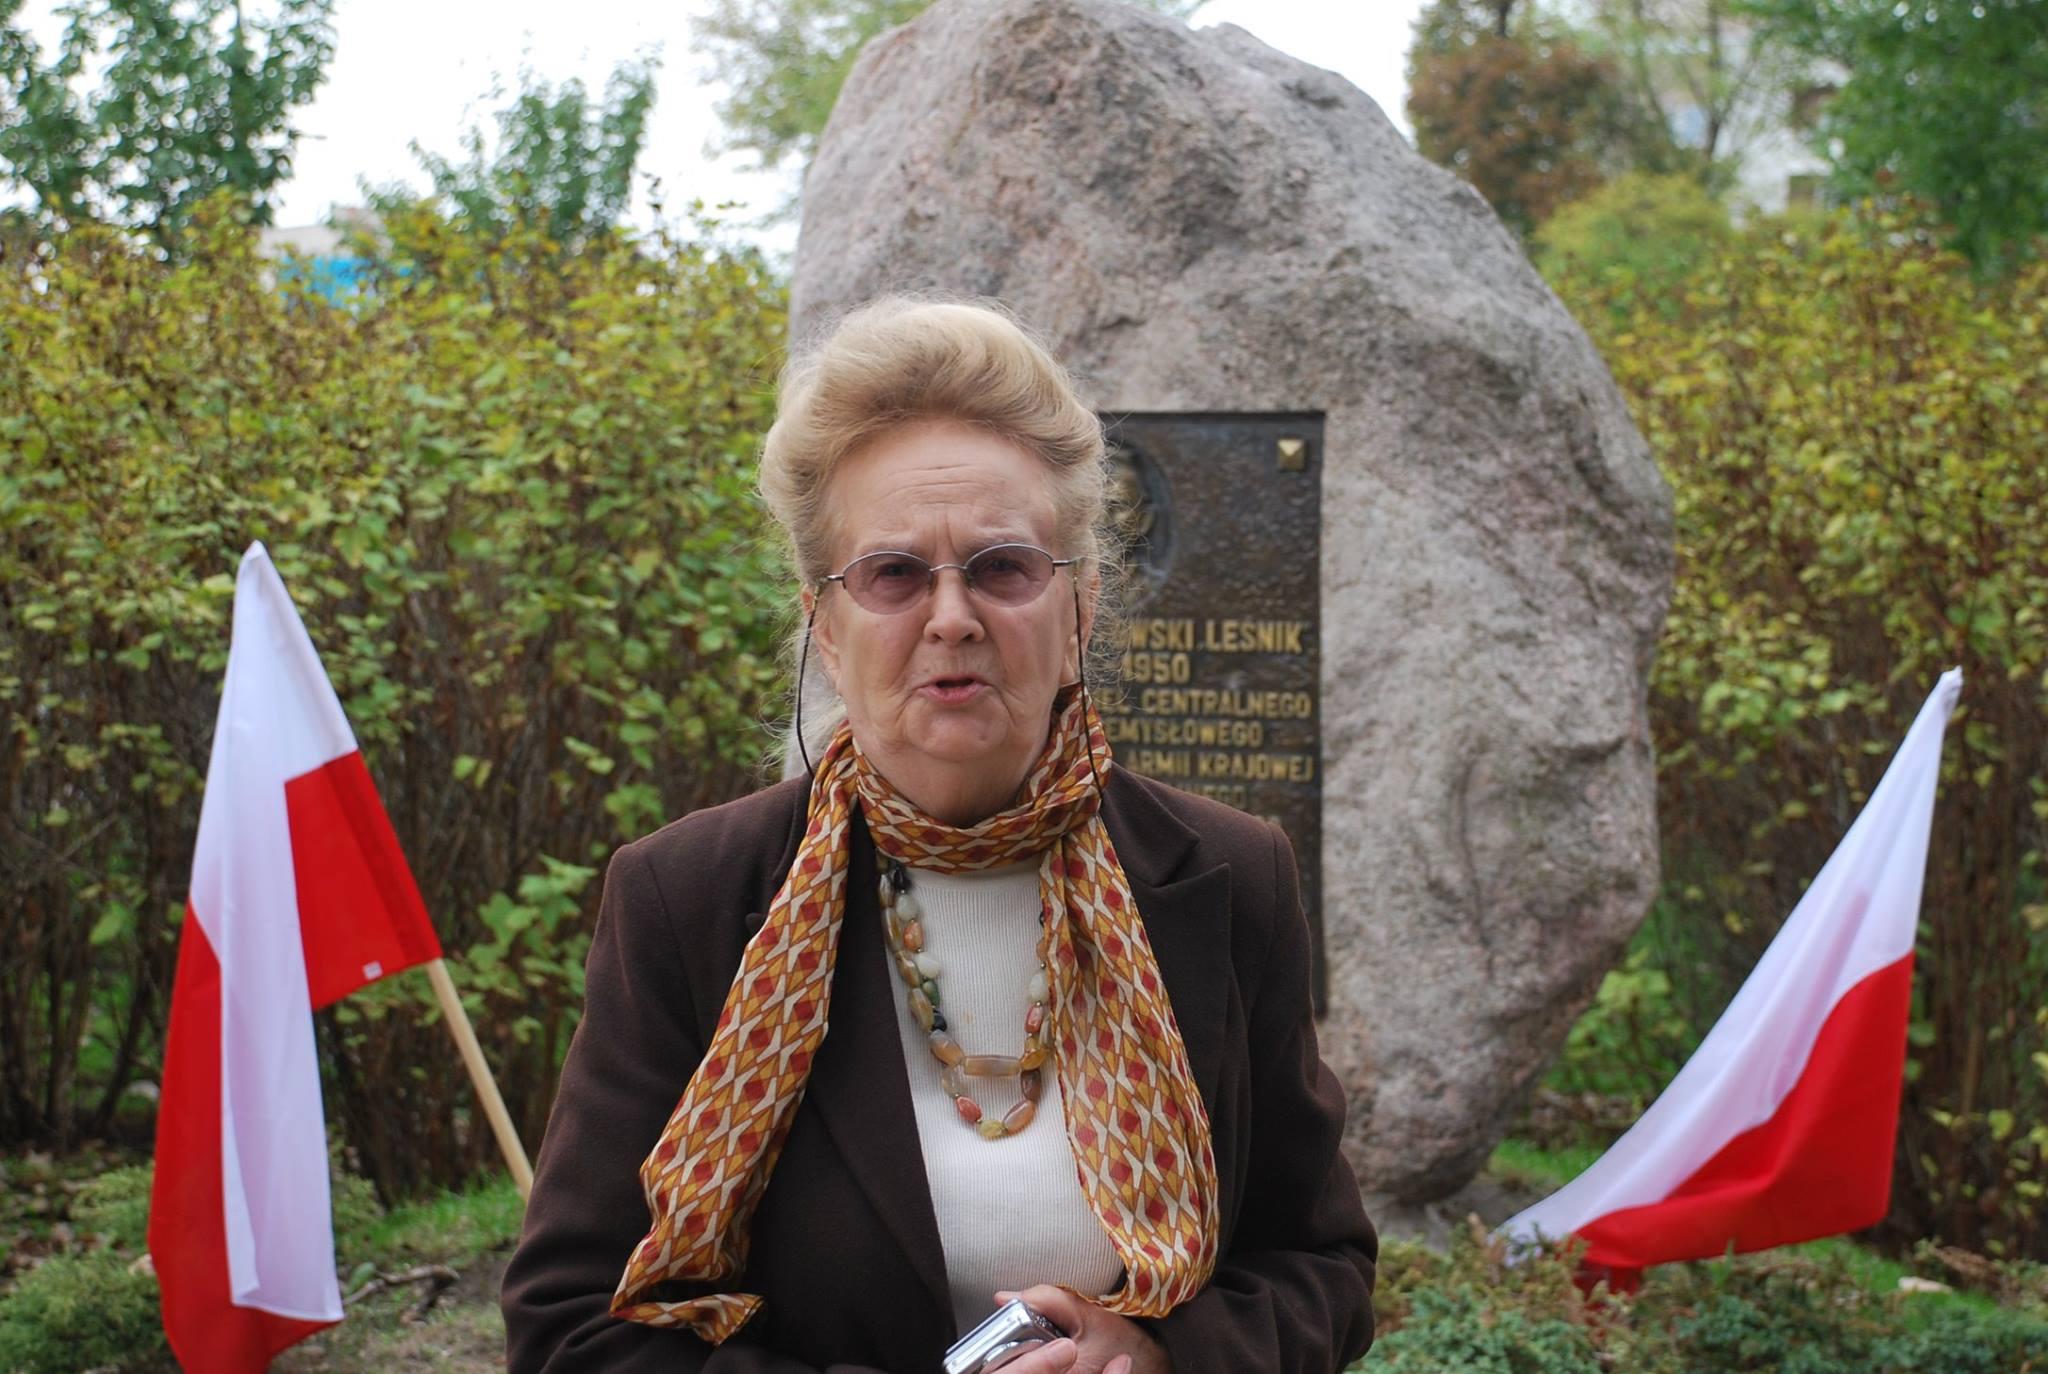 Pamięci pułkownika Szypowskiego. 76. rocznica walk pod Zamościem